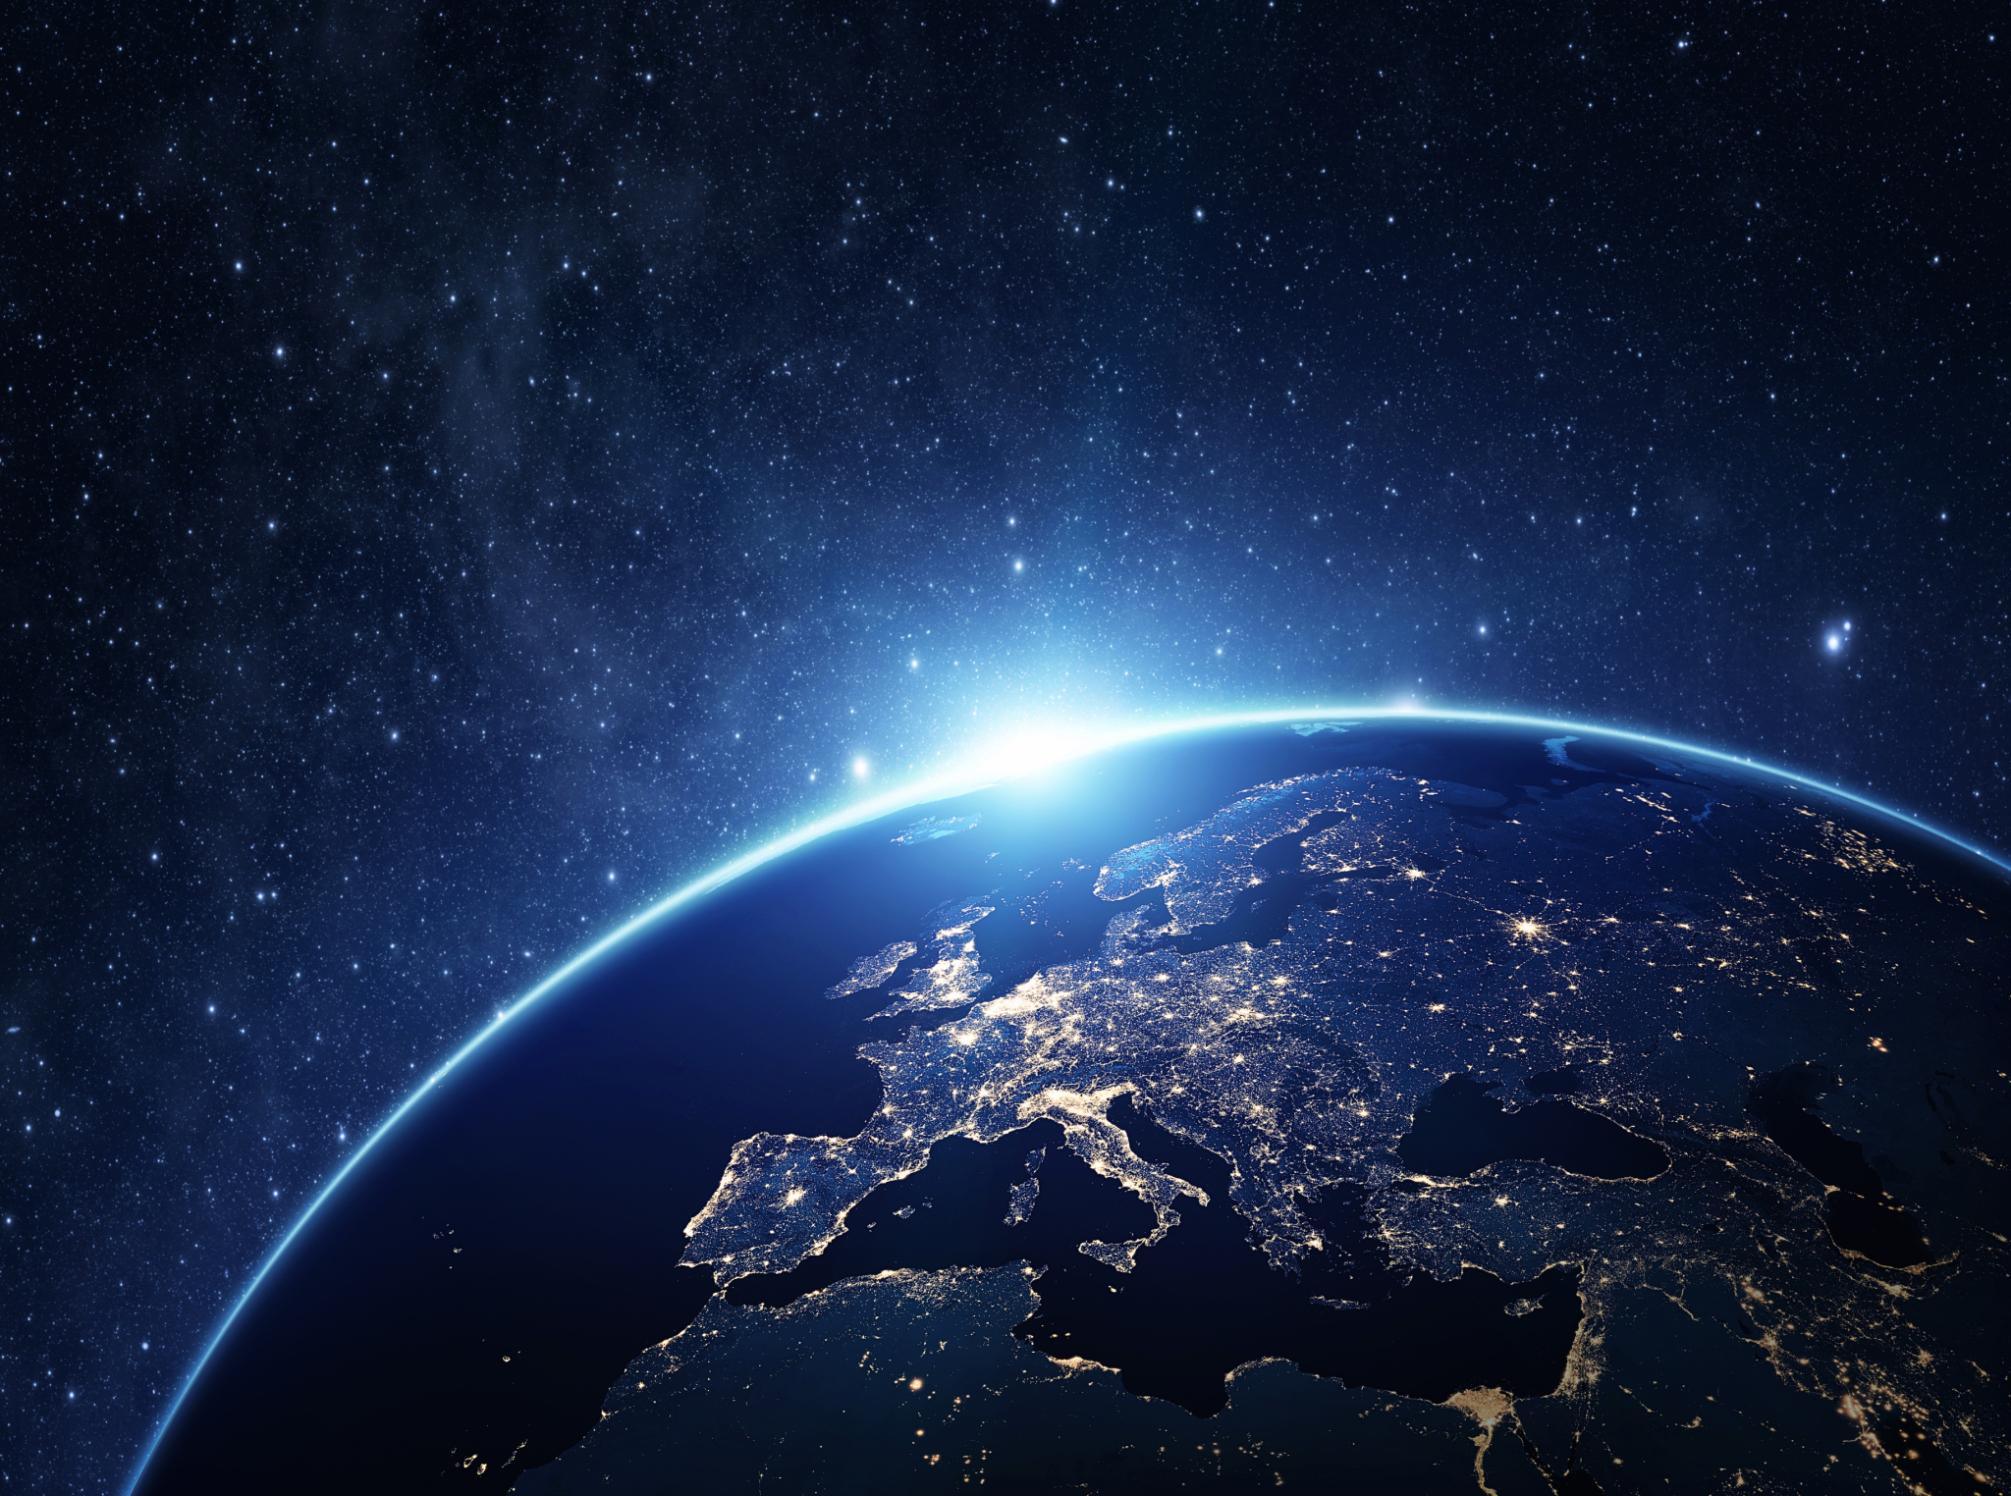 ZEMLJA SE LANI OKRETALA BRŽE NEGO IKADA U POSLJEDNJIH 50 GODINA: Astronomi razmišljaju da nam ukradu sekundu